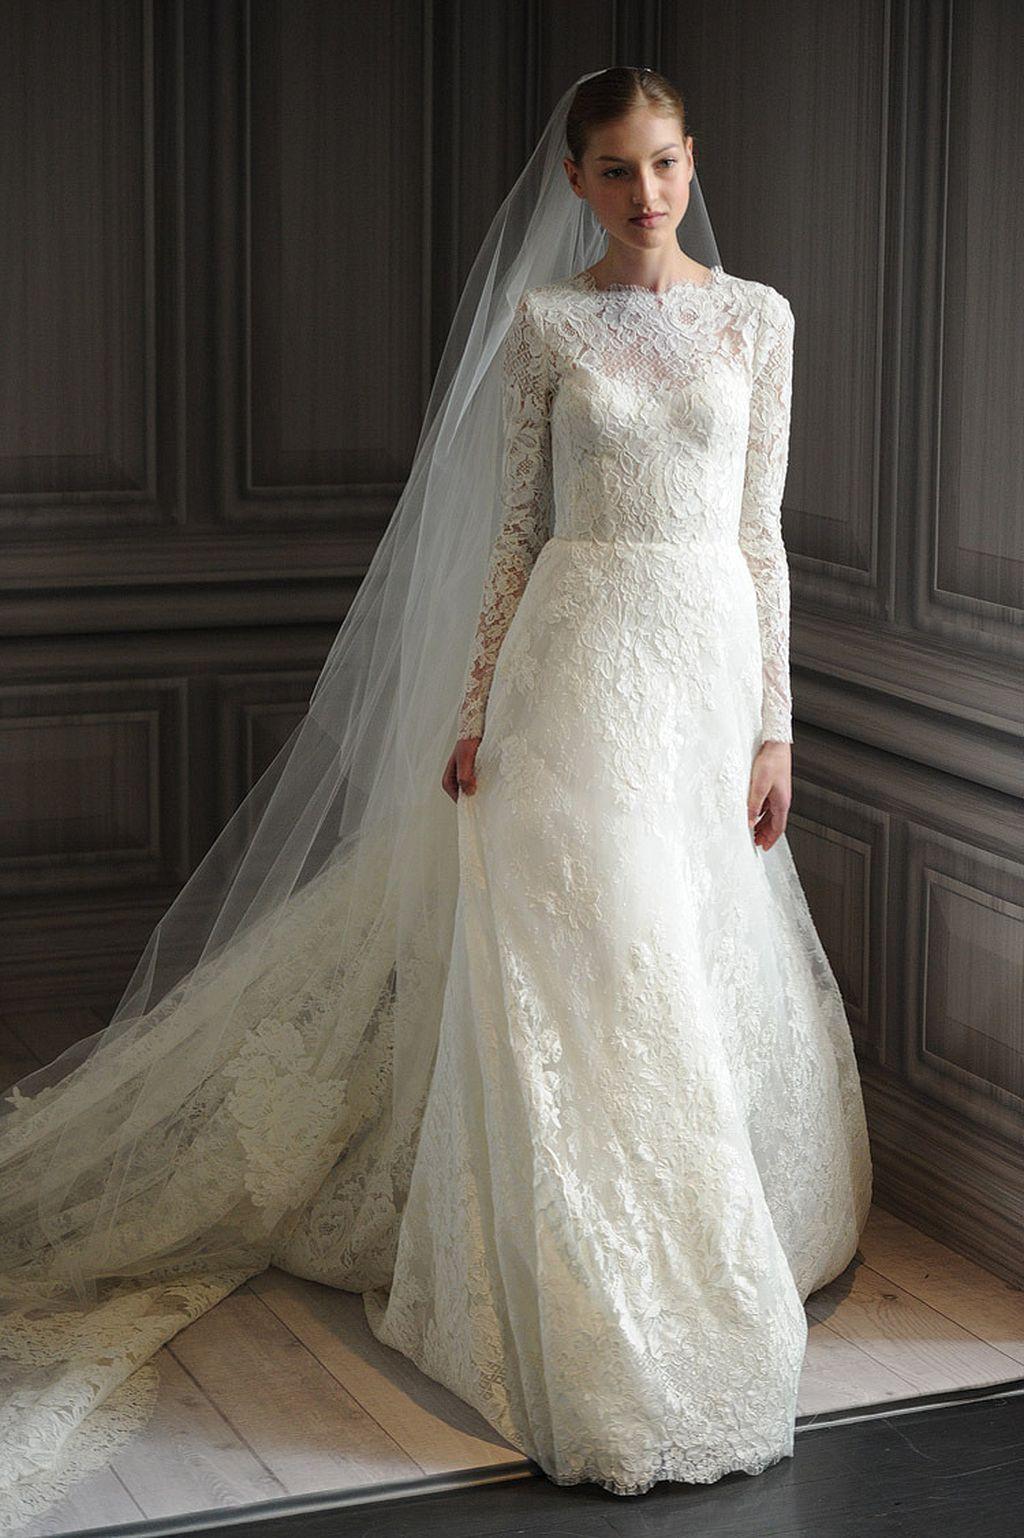 Great 40 Gorgeous Vintage Wedding Dresses Ideas Https Weddmagz Com 40 Gorgeous Vin Long Sleeve Wedding Dress Lace Lace Wedding Dress Vintage Wedding Dresses [ 1538 x 1024 Pixel ]